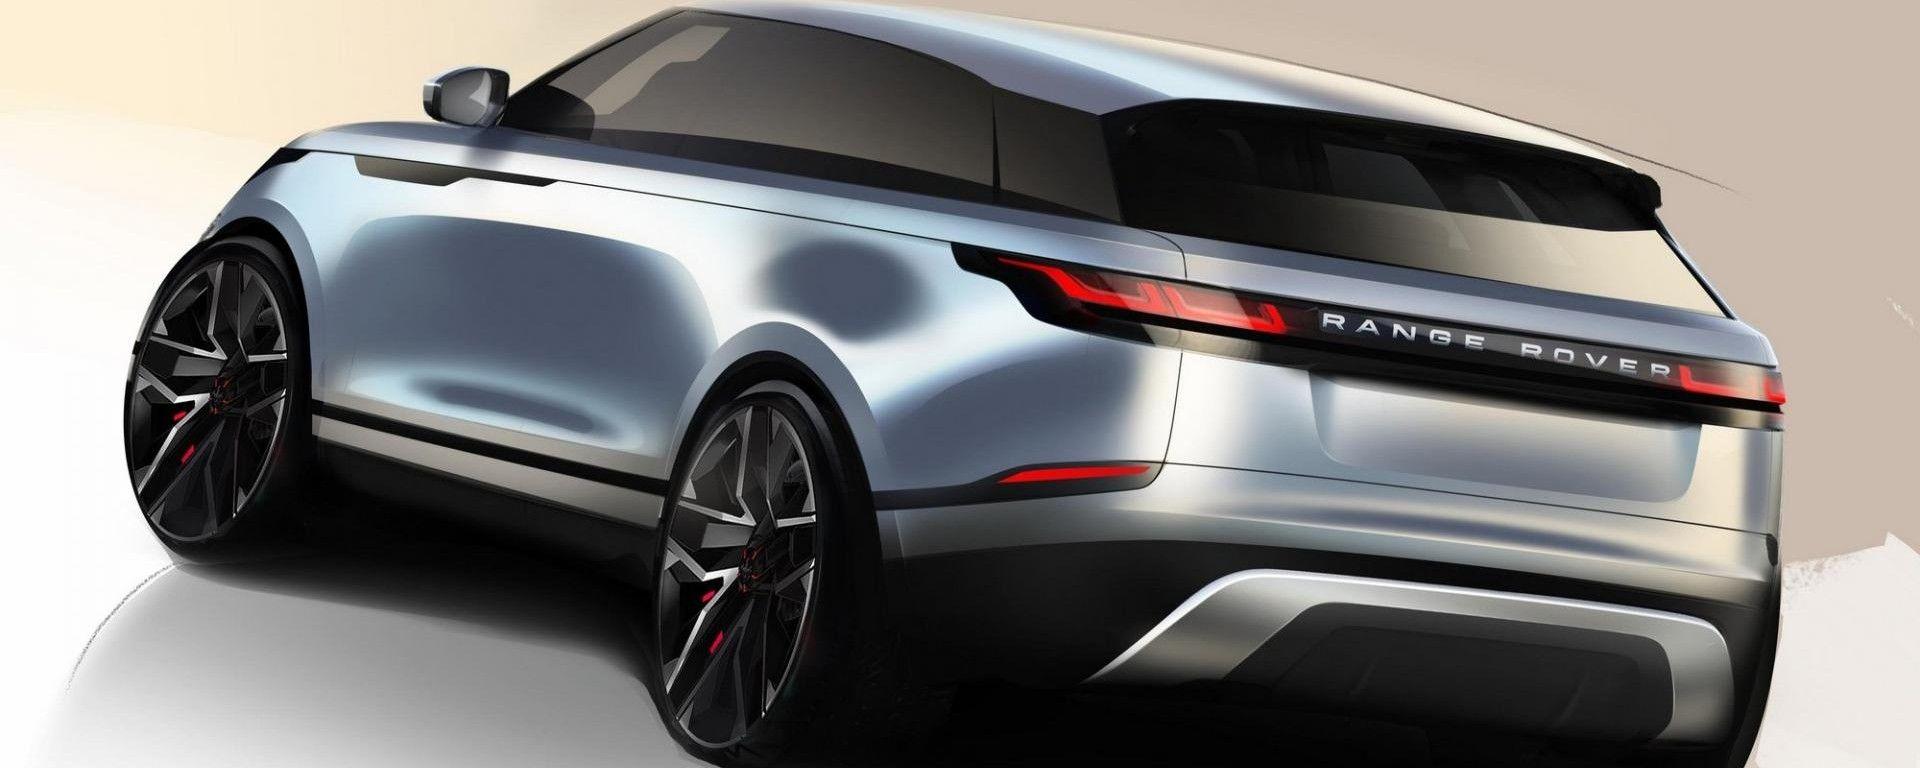 nuova range rover evoque 2019 quando esce come cambia prezzo motorbox. Black Bedroom Furniture Sets. Home Design Ideas